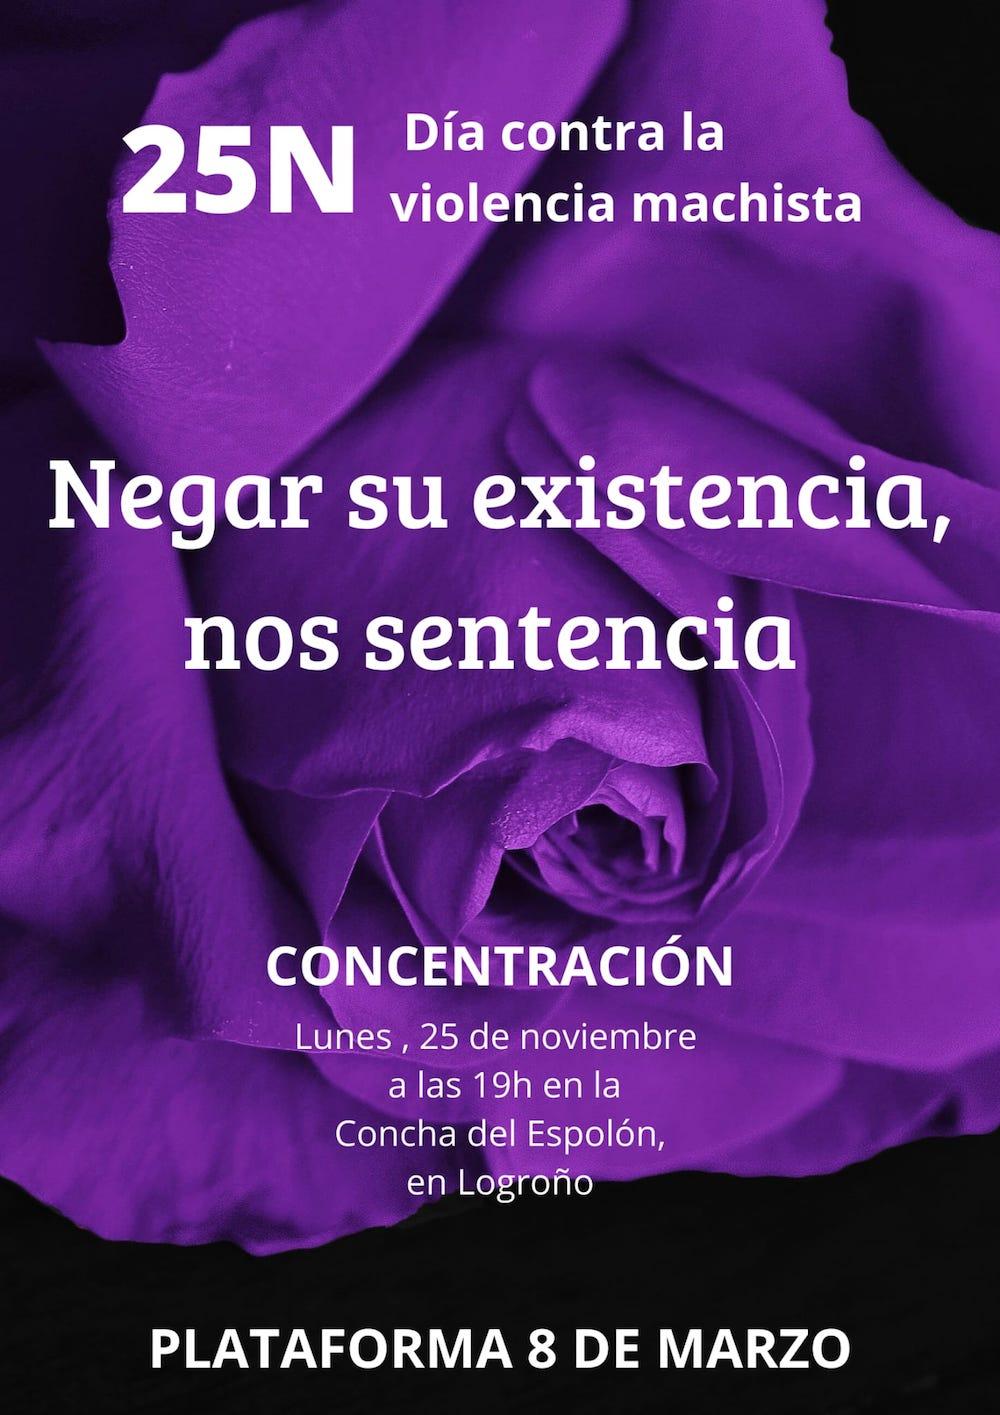 CONCENTRACION VIOLENCIA MACHISTA